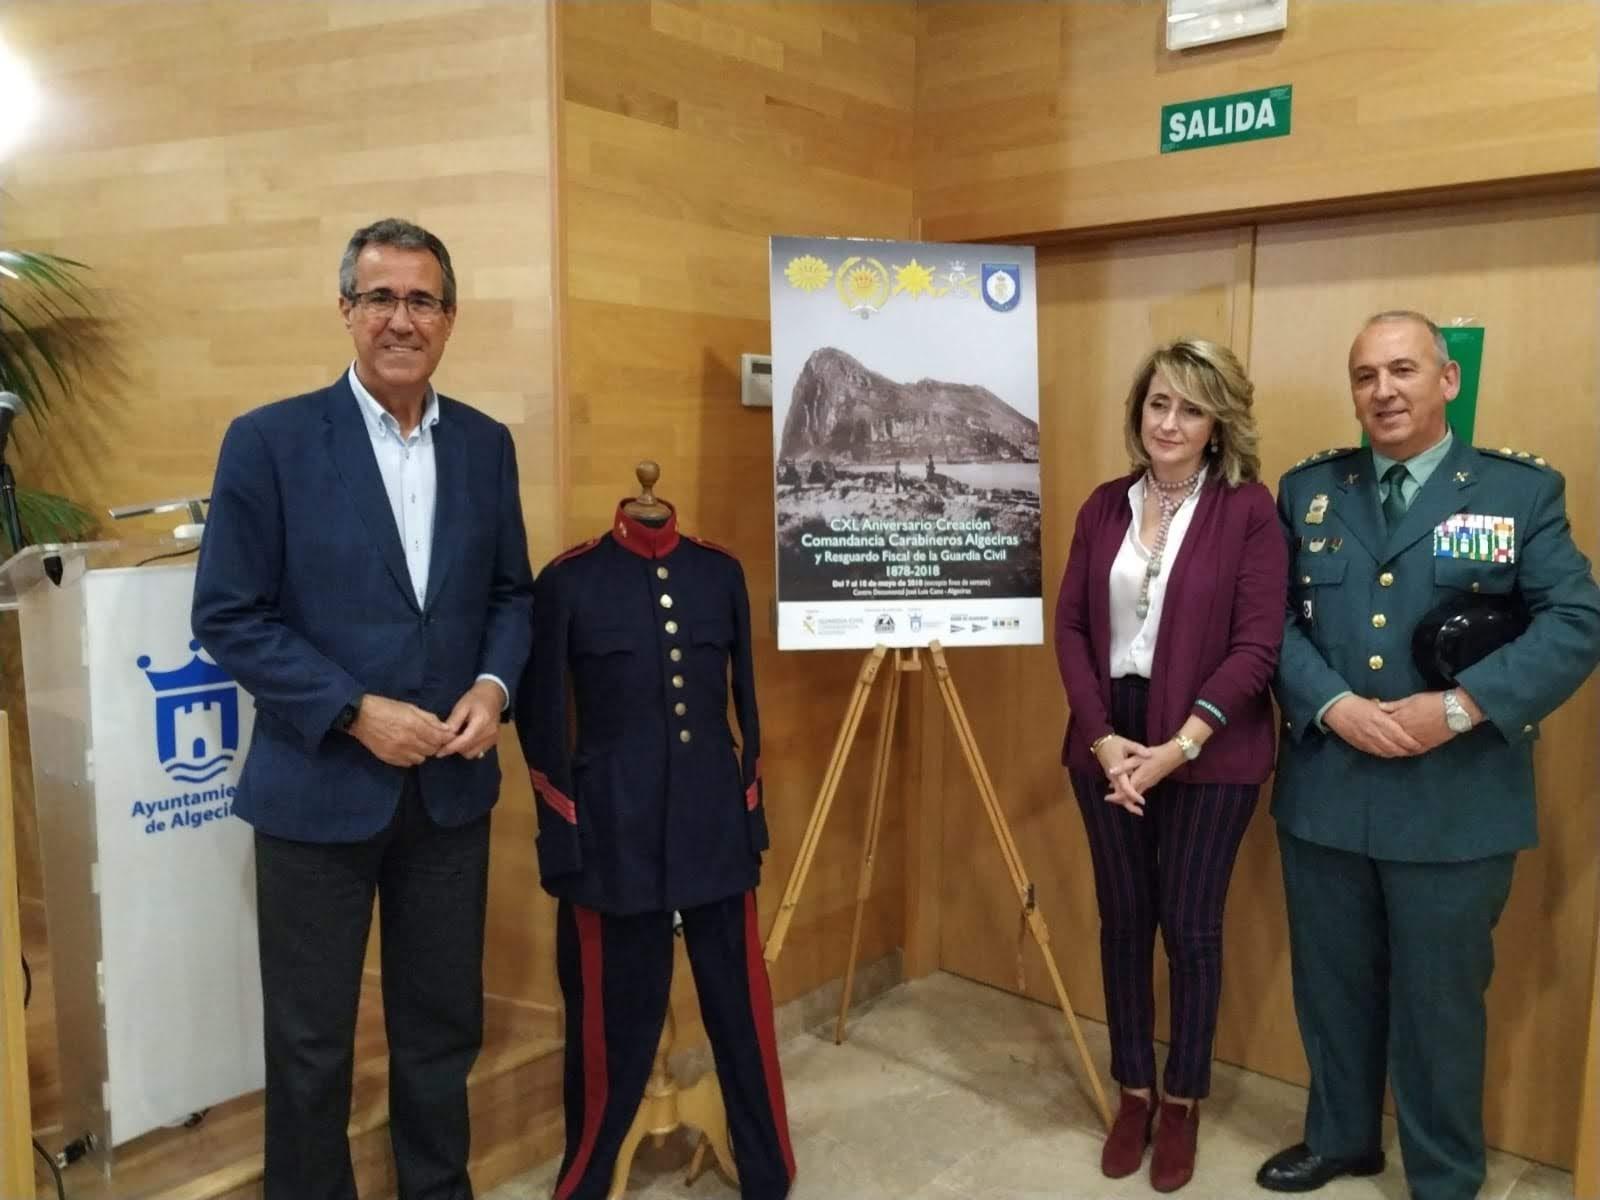 El coronel Núñez habla sobre la historia del Cuerpo de Carabineros